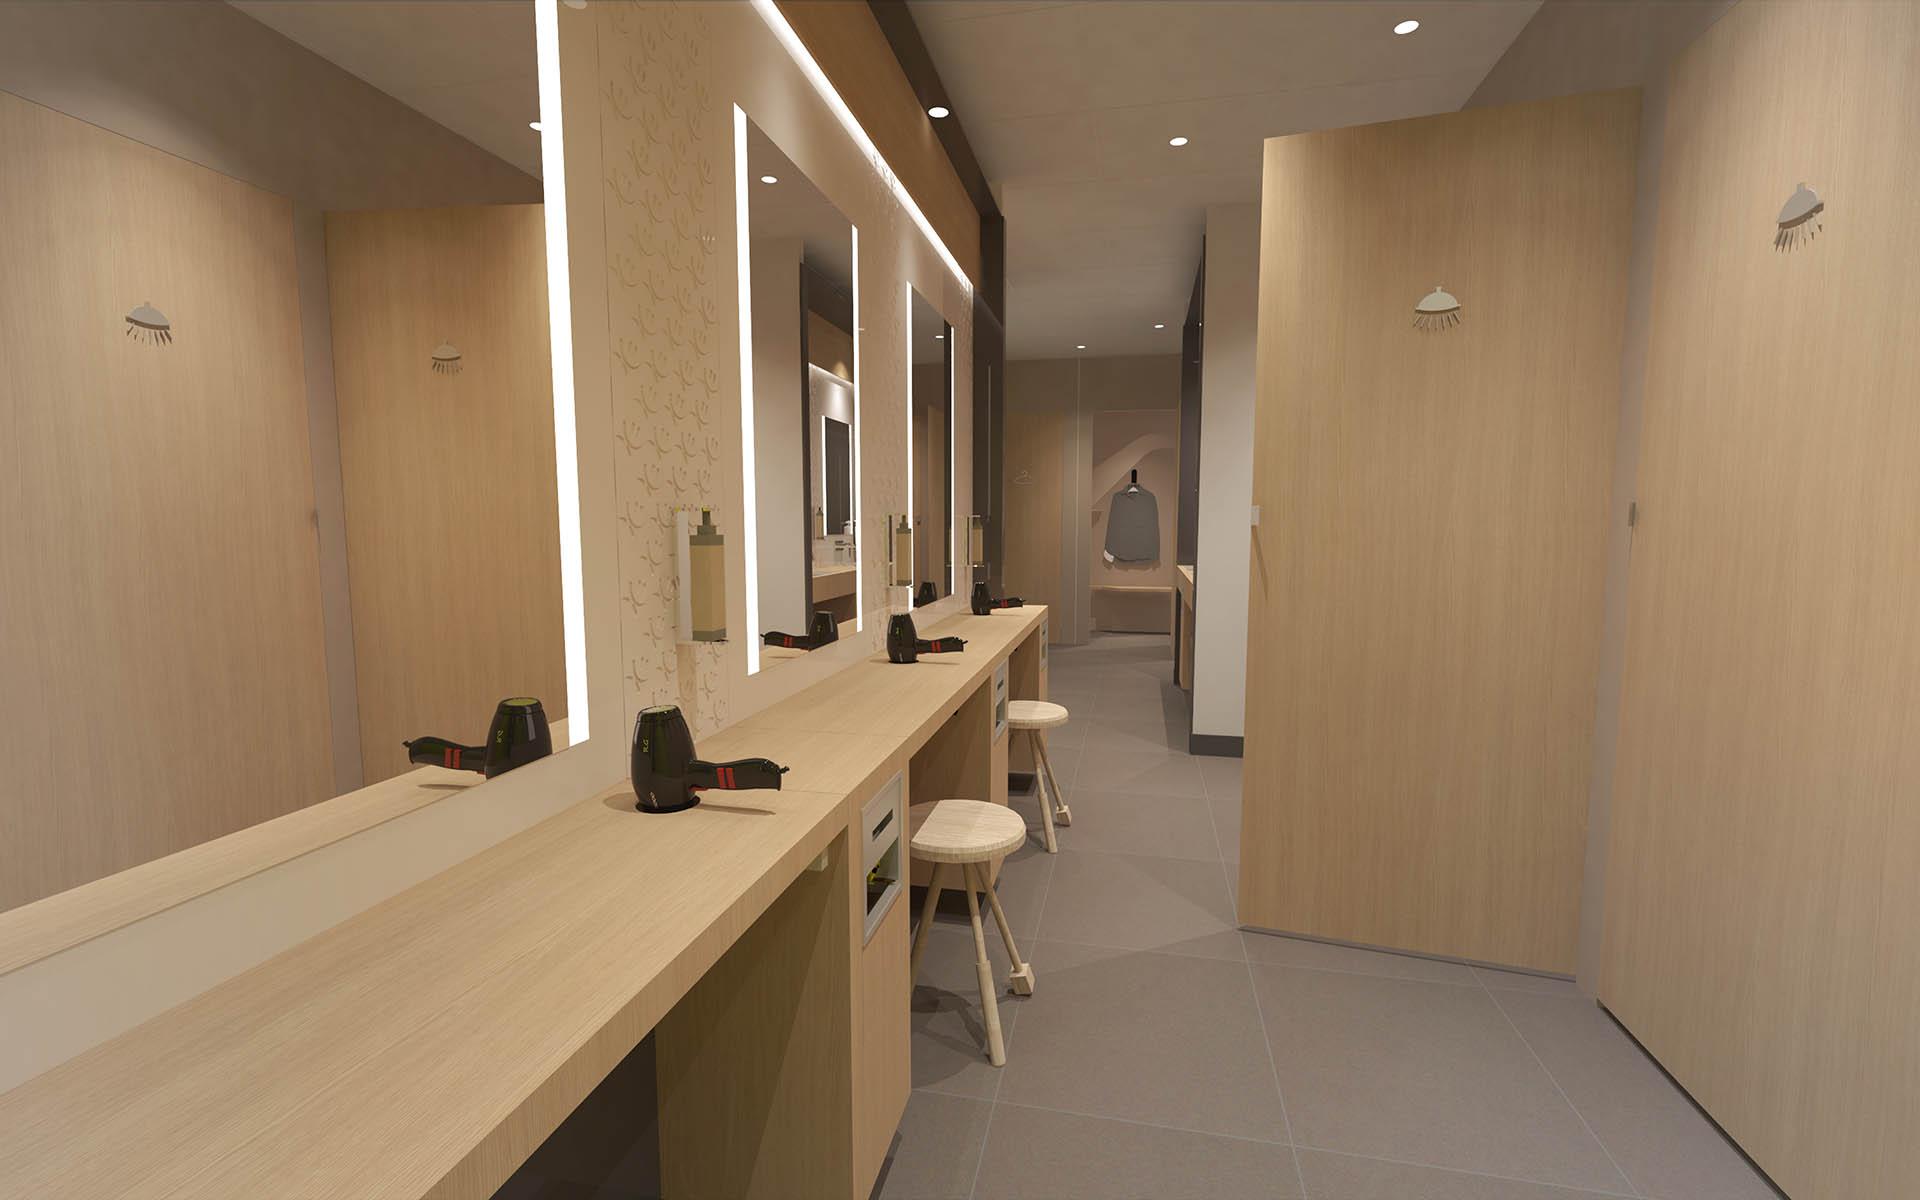 L architecte intérieur salle de sport keepcool (6)